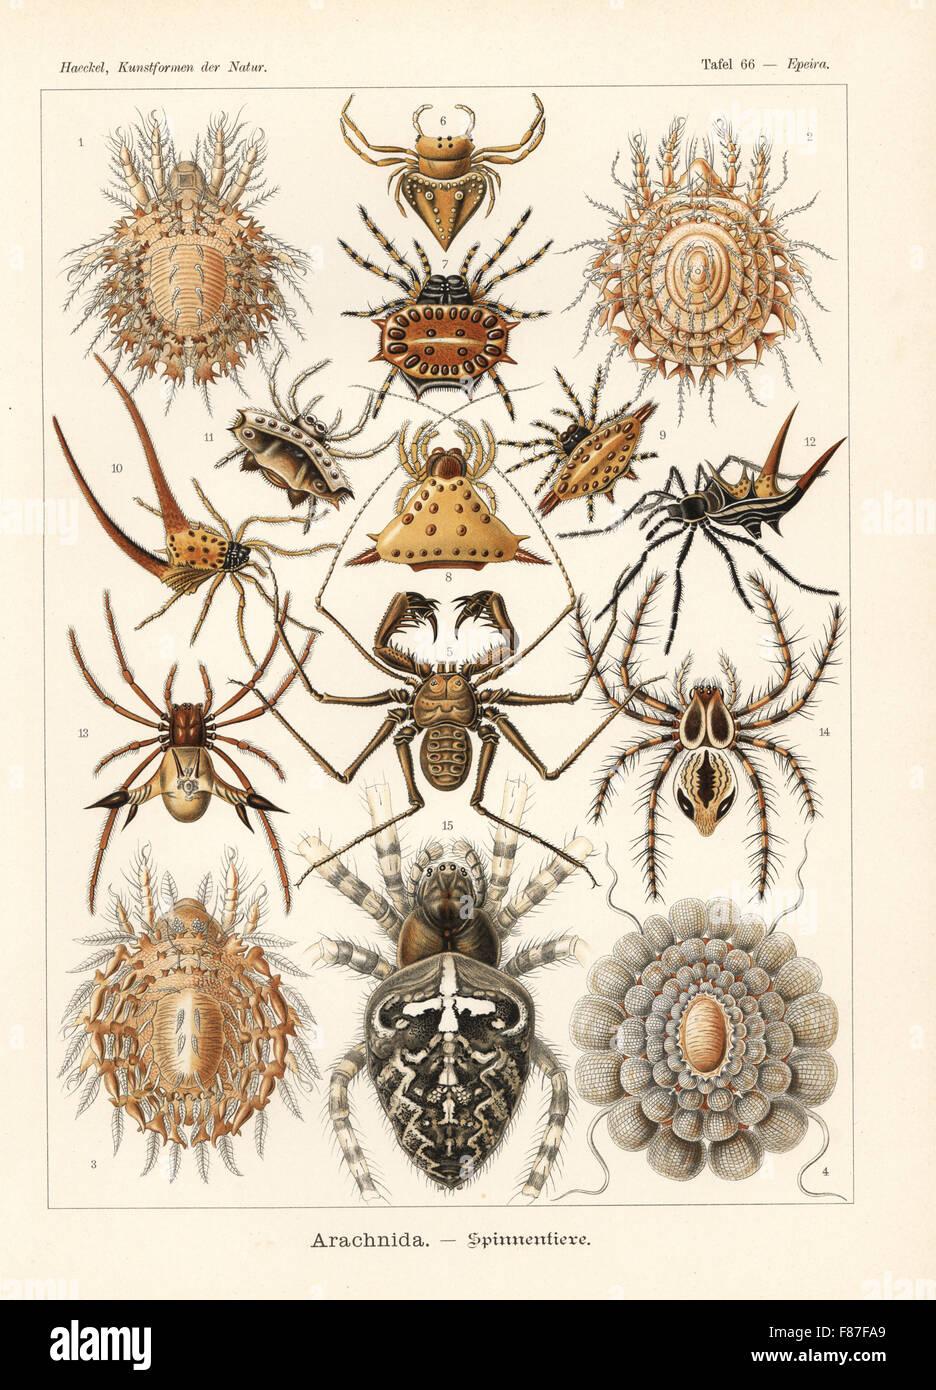 Arachnida spiders: Protocepheus hericius 1, Cepheus latus 2, Cepheus cepheiformis 3,  Tereticepheus palmicinctum - Stock Image